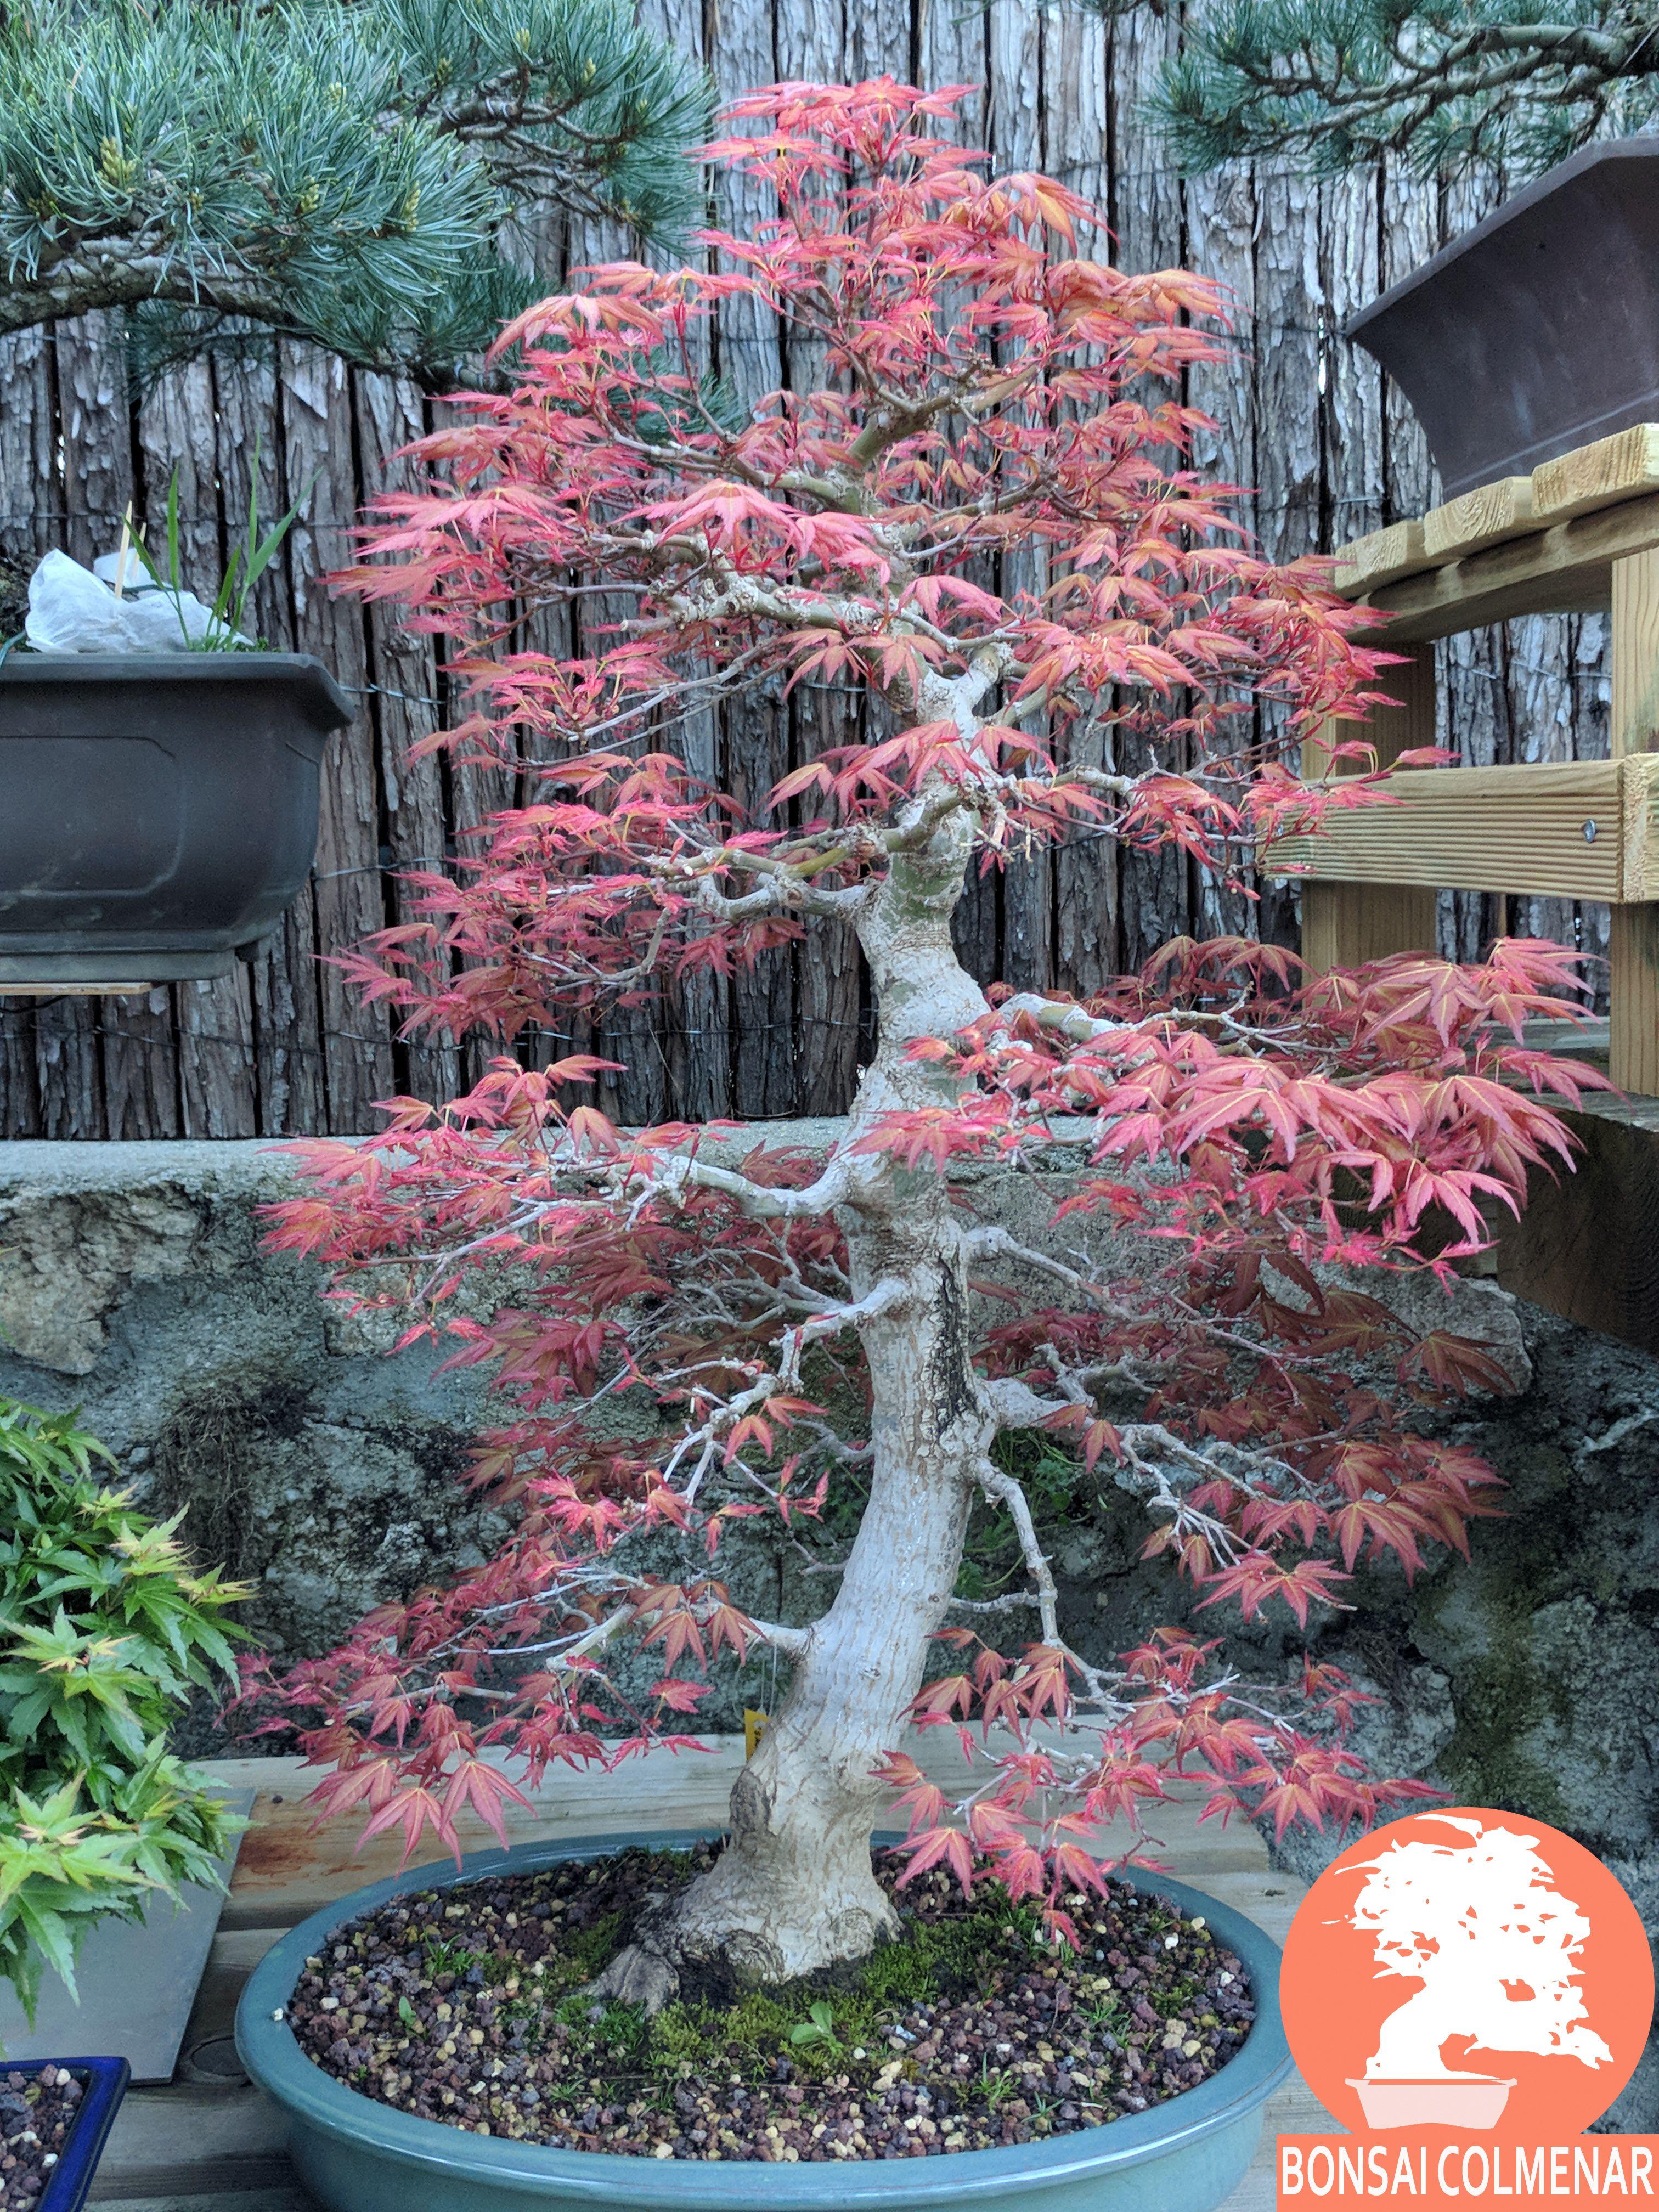 Guardería Para Tus Bonsais En Agosto Abrimos Todos Los Días Continúan Los Cursos Tienda Y Escuela De Bonsai Www Bon Bonsai Jardín De Bonsáis árboles Bonsai